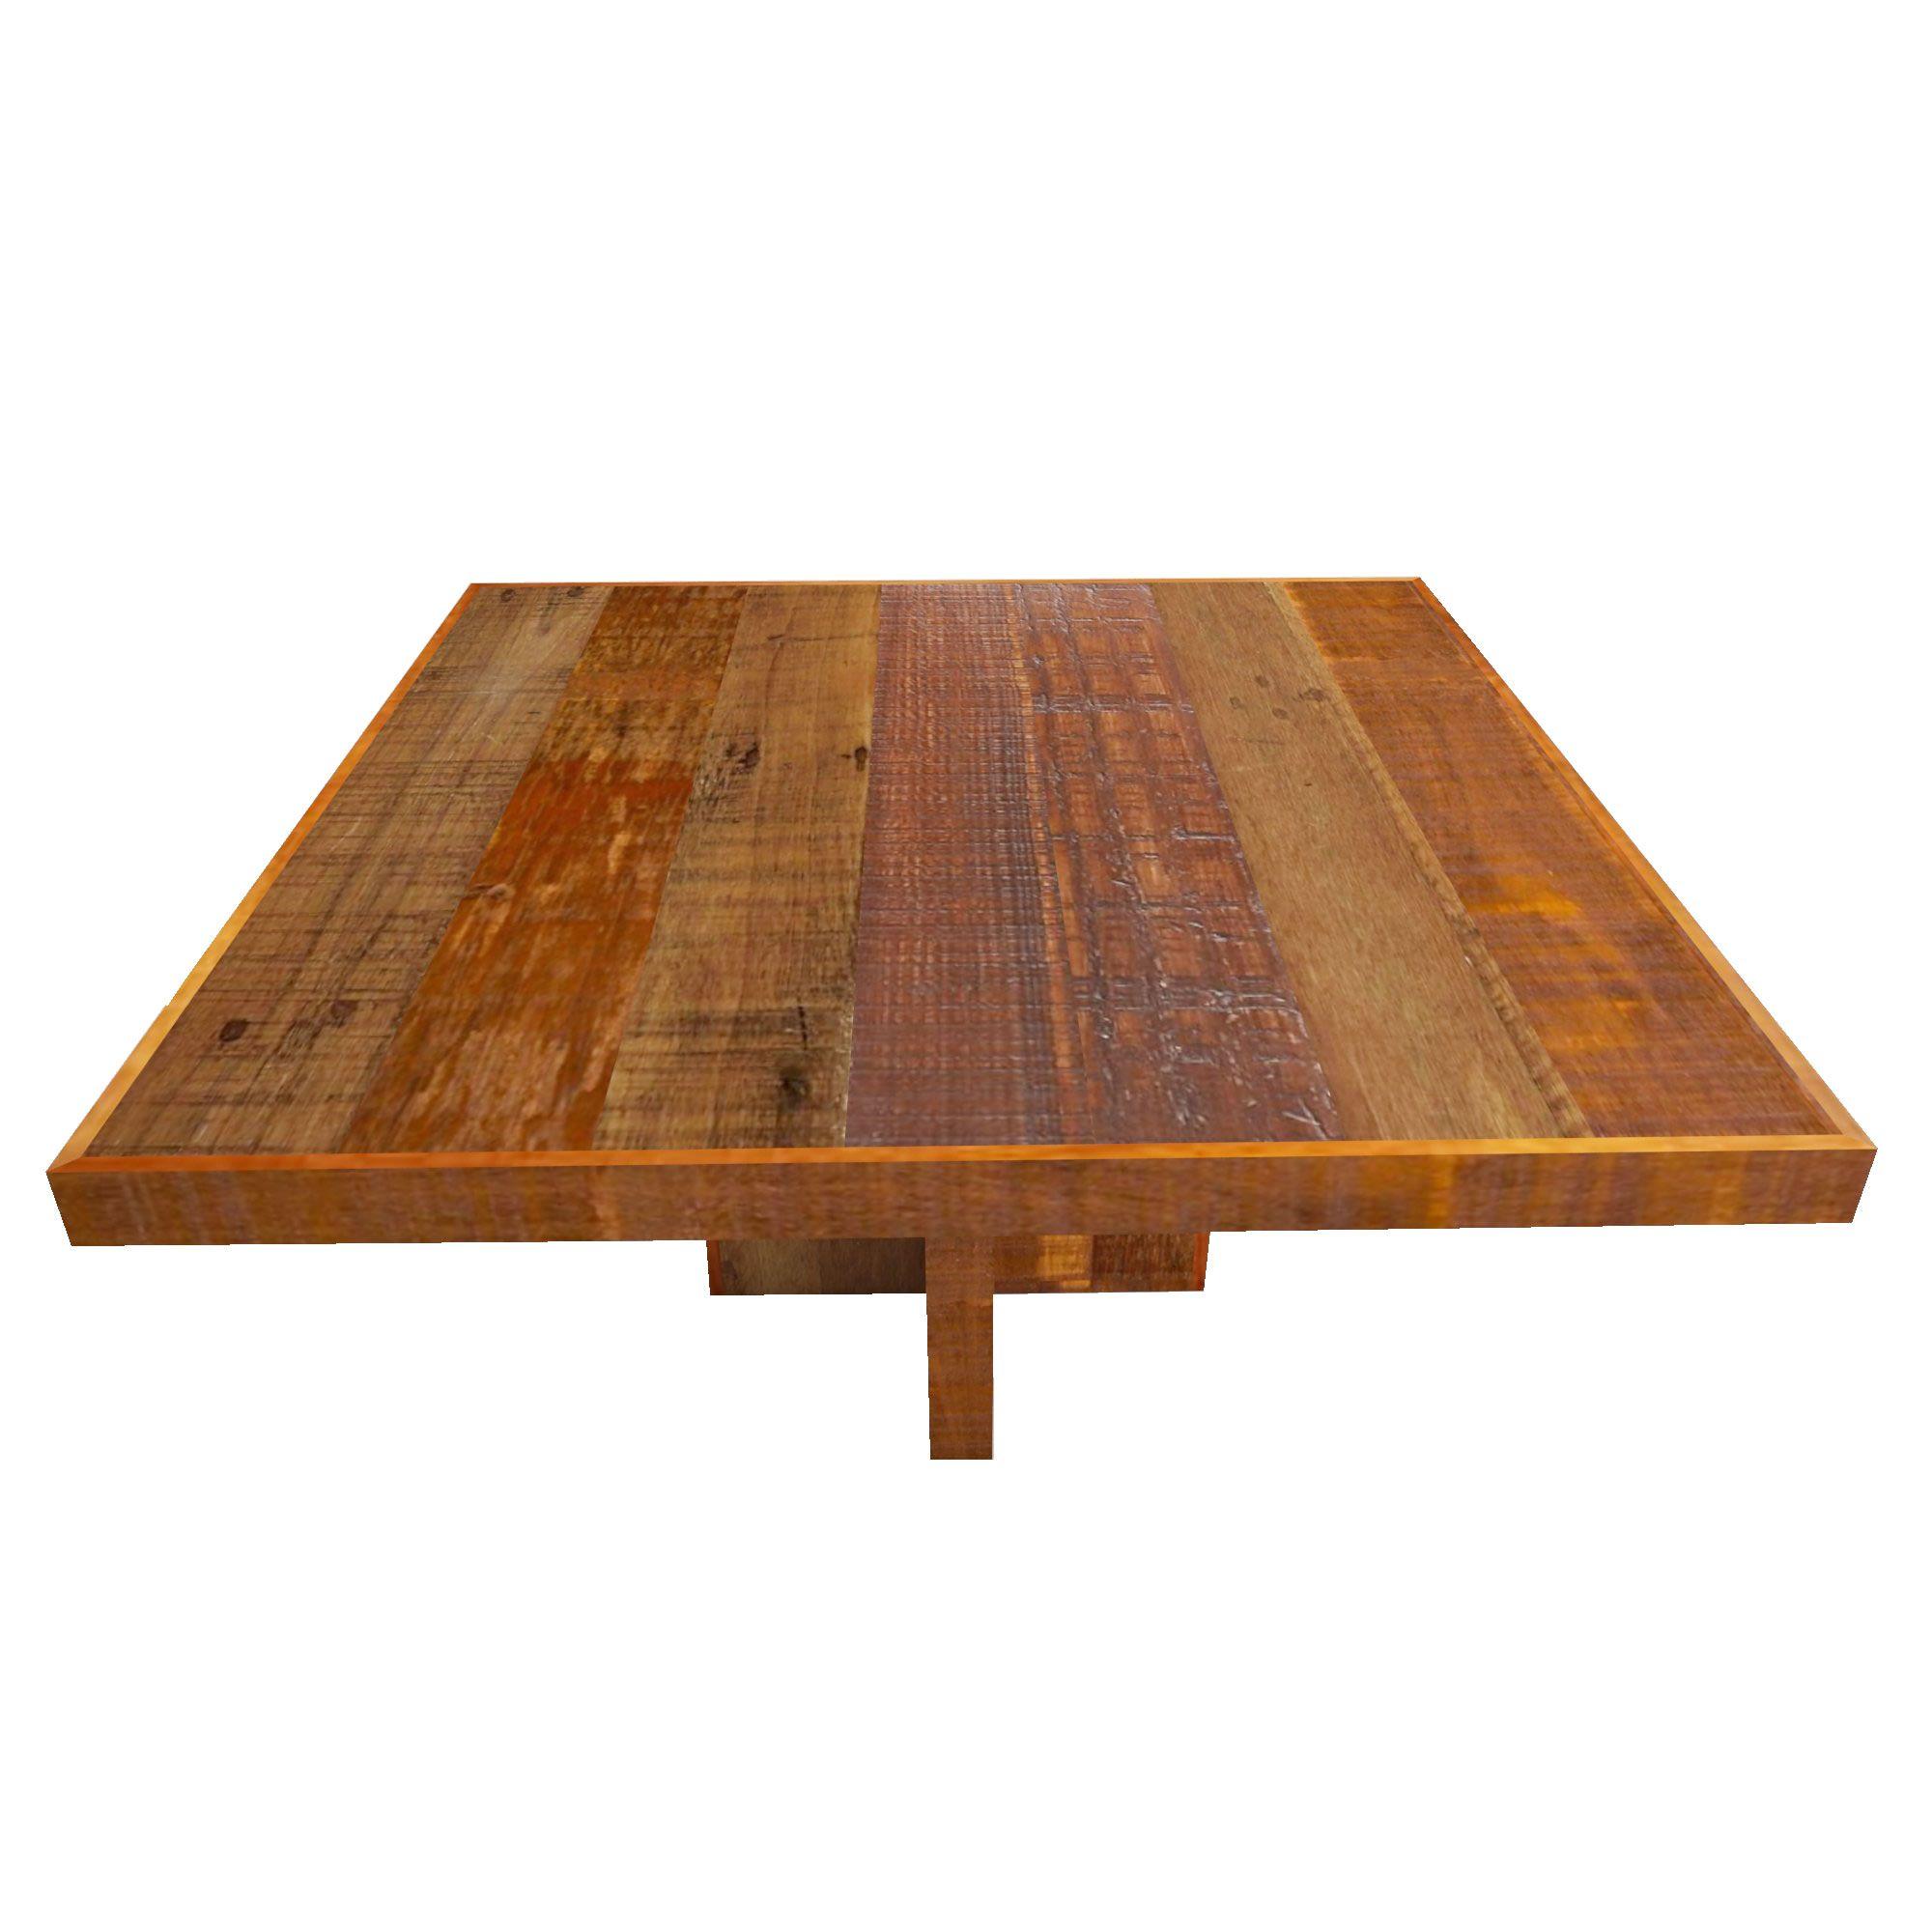 Mesa quadrada em madeira Mista de demolição pés cruzetas Medindo 1,30x1,30x78